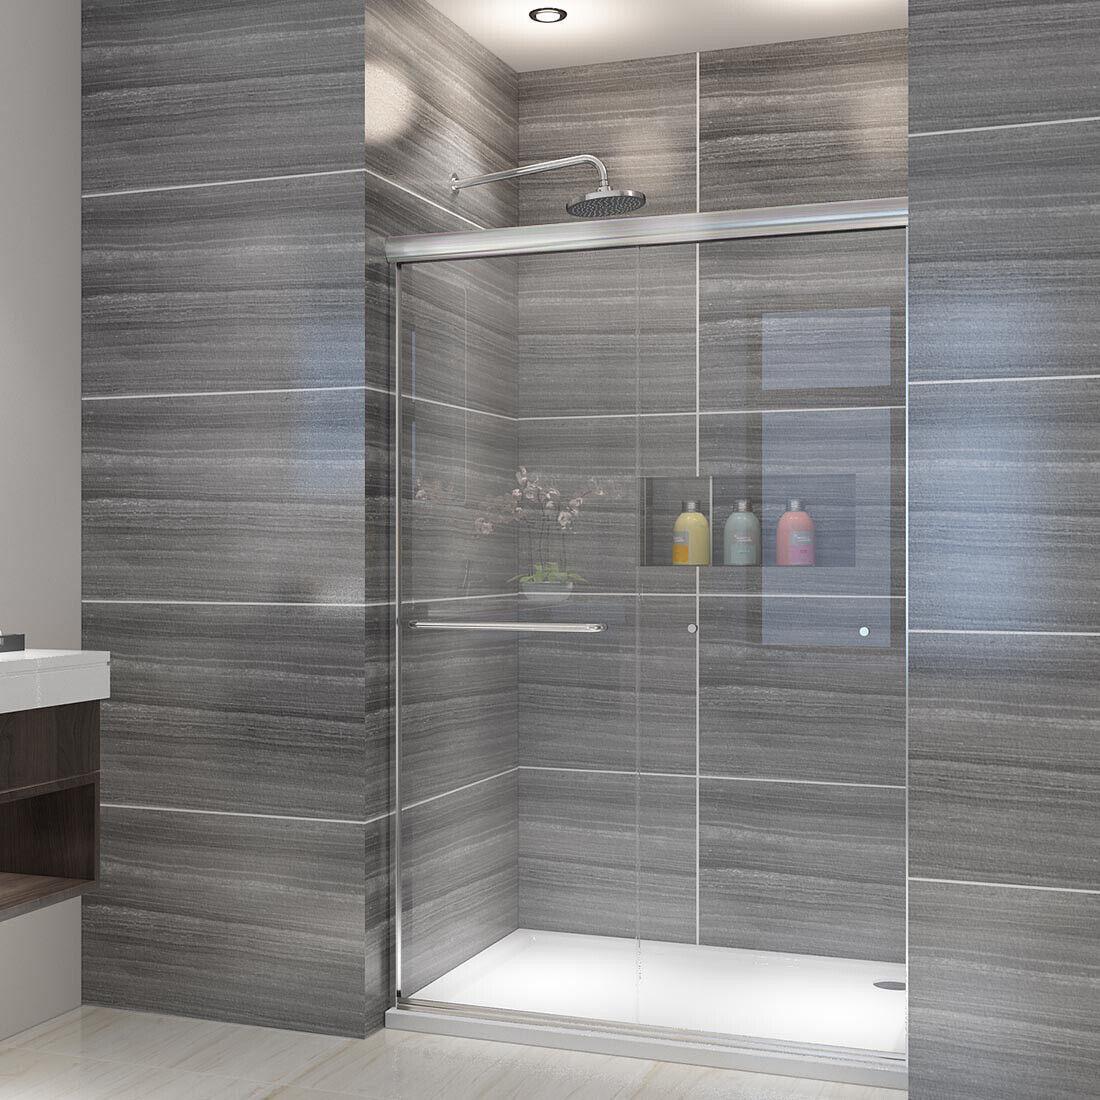 Elegant Showers Semi-Frameless Bypass Sliding Shower Door 44